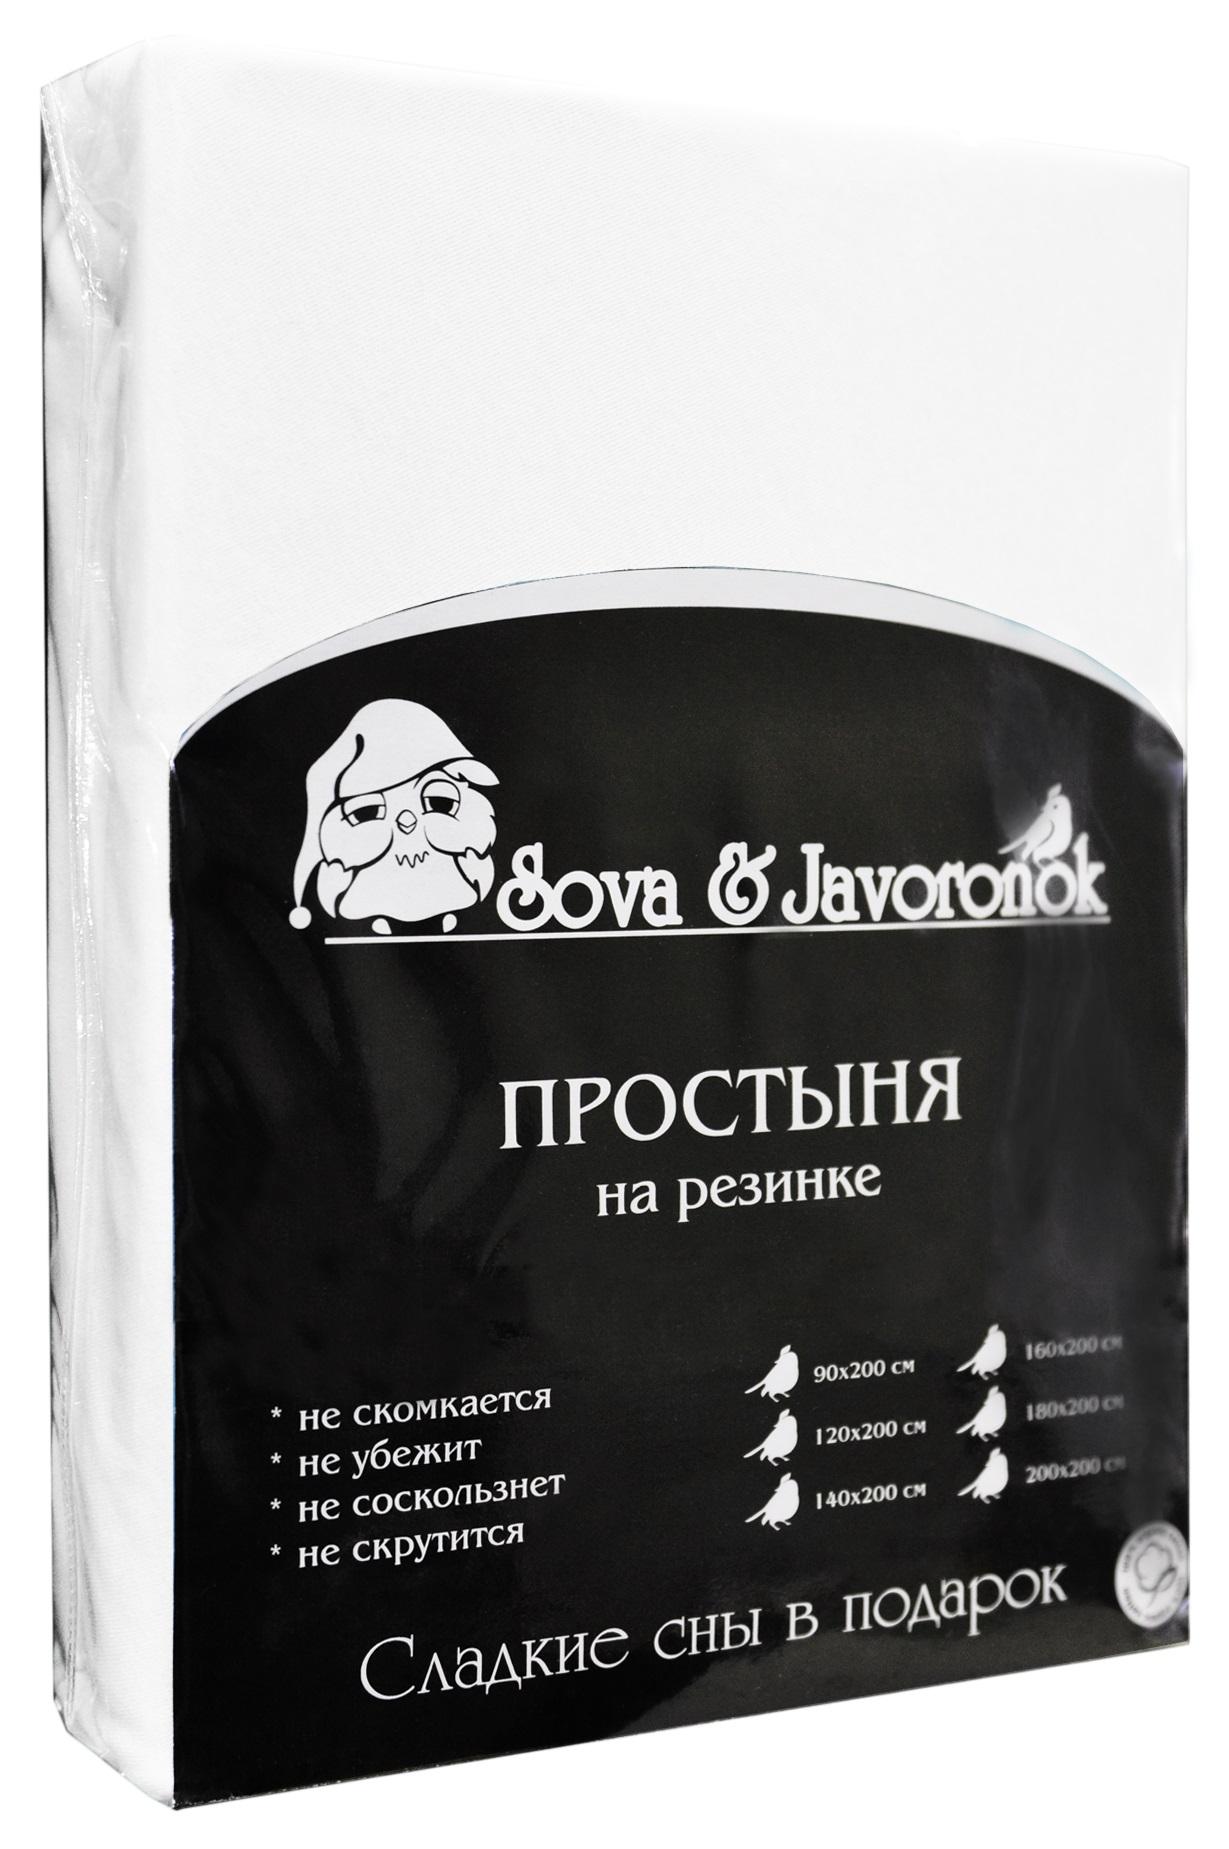 Простыня на резинке Sova & Javoronok, цвет: белый, 120 см х 200 смES-412Простыня на резинке Sova & Javoronok, изготовленная из трикотажной ткани (100% хлопок), будет превосходно смотреться с любыми комплектами белья. Хлопчатобумажный трикотаж по праву считается одним из самых качественных, прочных и при этом приятных на ощупь. Его гигиеничность позволяет использовать простыню и в детских комнатах, к тому же 100%-ый хлопок в составе ткани не вызовет аллергии. У трикотажного полотна очень интересная структура, немного рыхлая за счет отсутствия плотного переплетения нитей и наличия особых петель, благодаря этому простыня Сова и Жаворонок отлично пропускает воздух и способствует его постоянной циркуляции. Поэтому ваша постель будет всегда оставаться свежей. Но главное и, пожалуй, самое известное свойство трикотажа - это его великолепная растяжимость, поэтому эта ткань и была выбрана для натяжной простыни на резинке.Простыня прошита резинкой по всему периметру, что обеспечивает более комфортный отдых, так как она прочно удерживается на матрасе и избавляет от необходимости часто поправлять простыню.